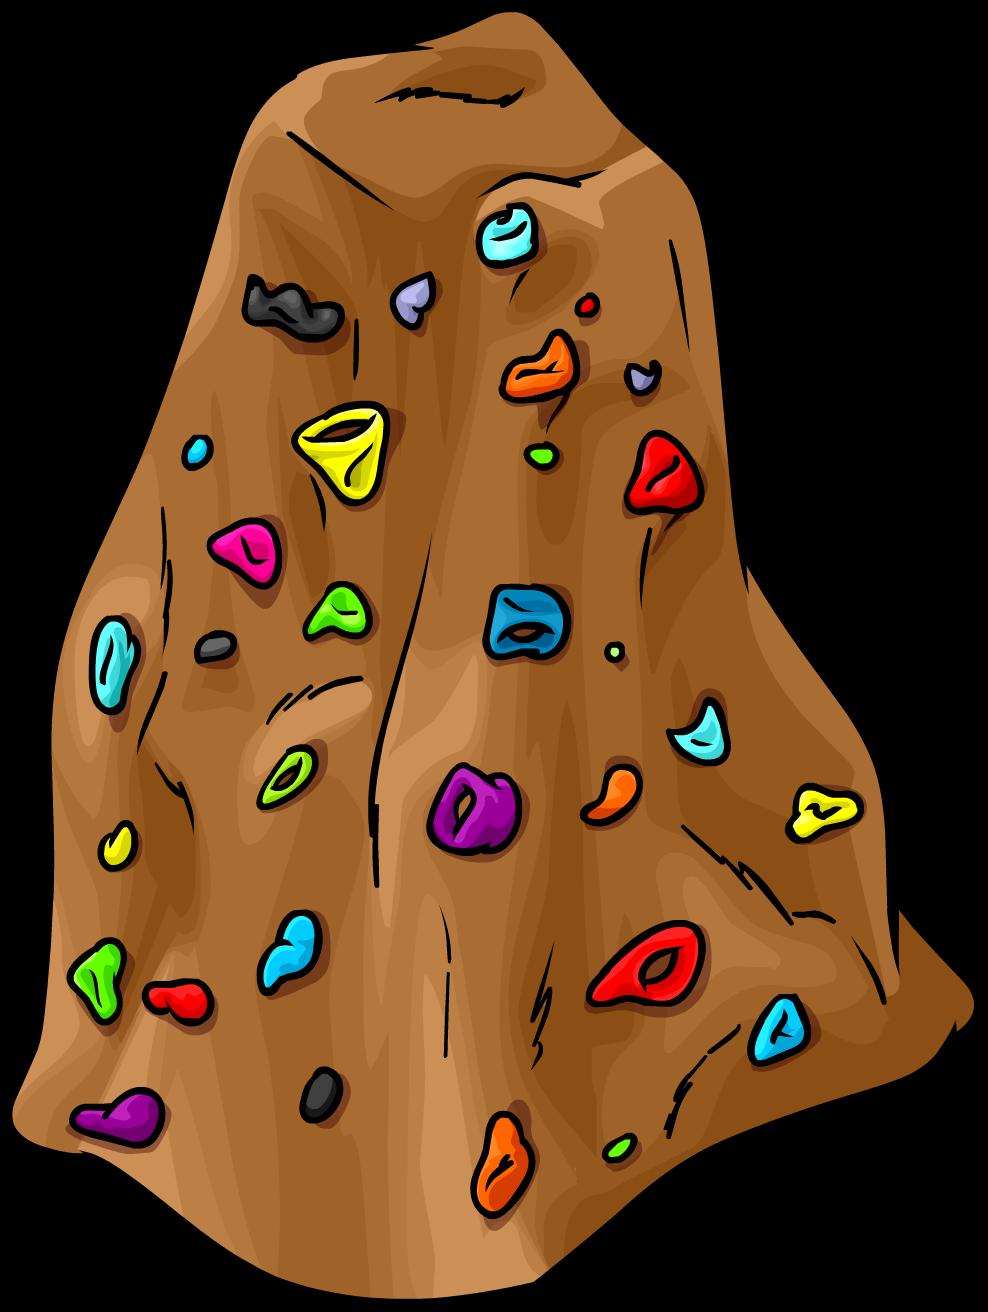 988x1312 Rock Climbing Wall Clipart 101 Clip Art